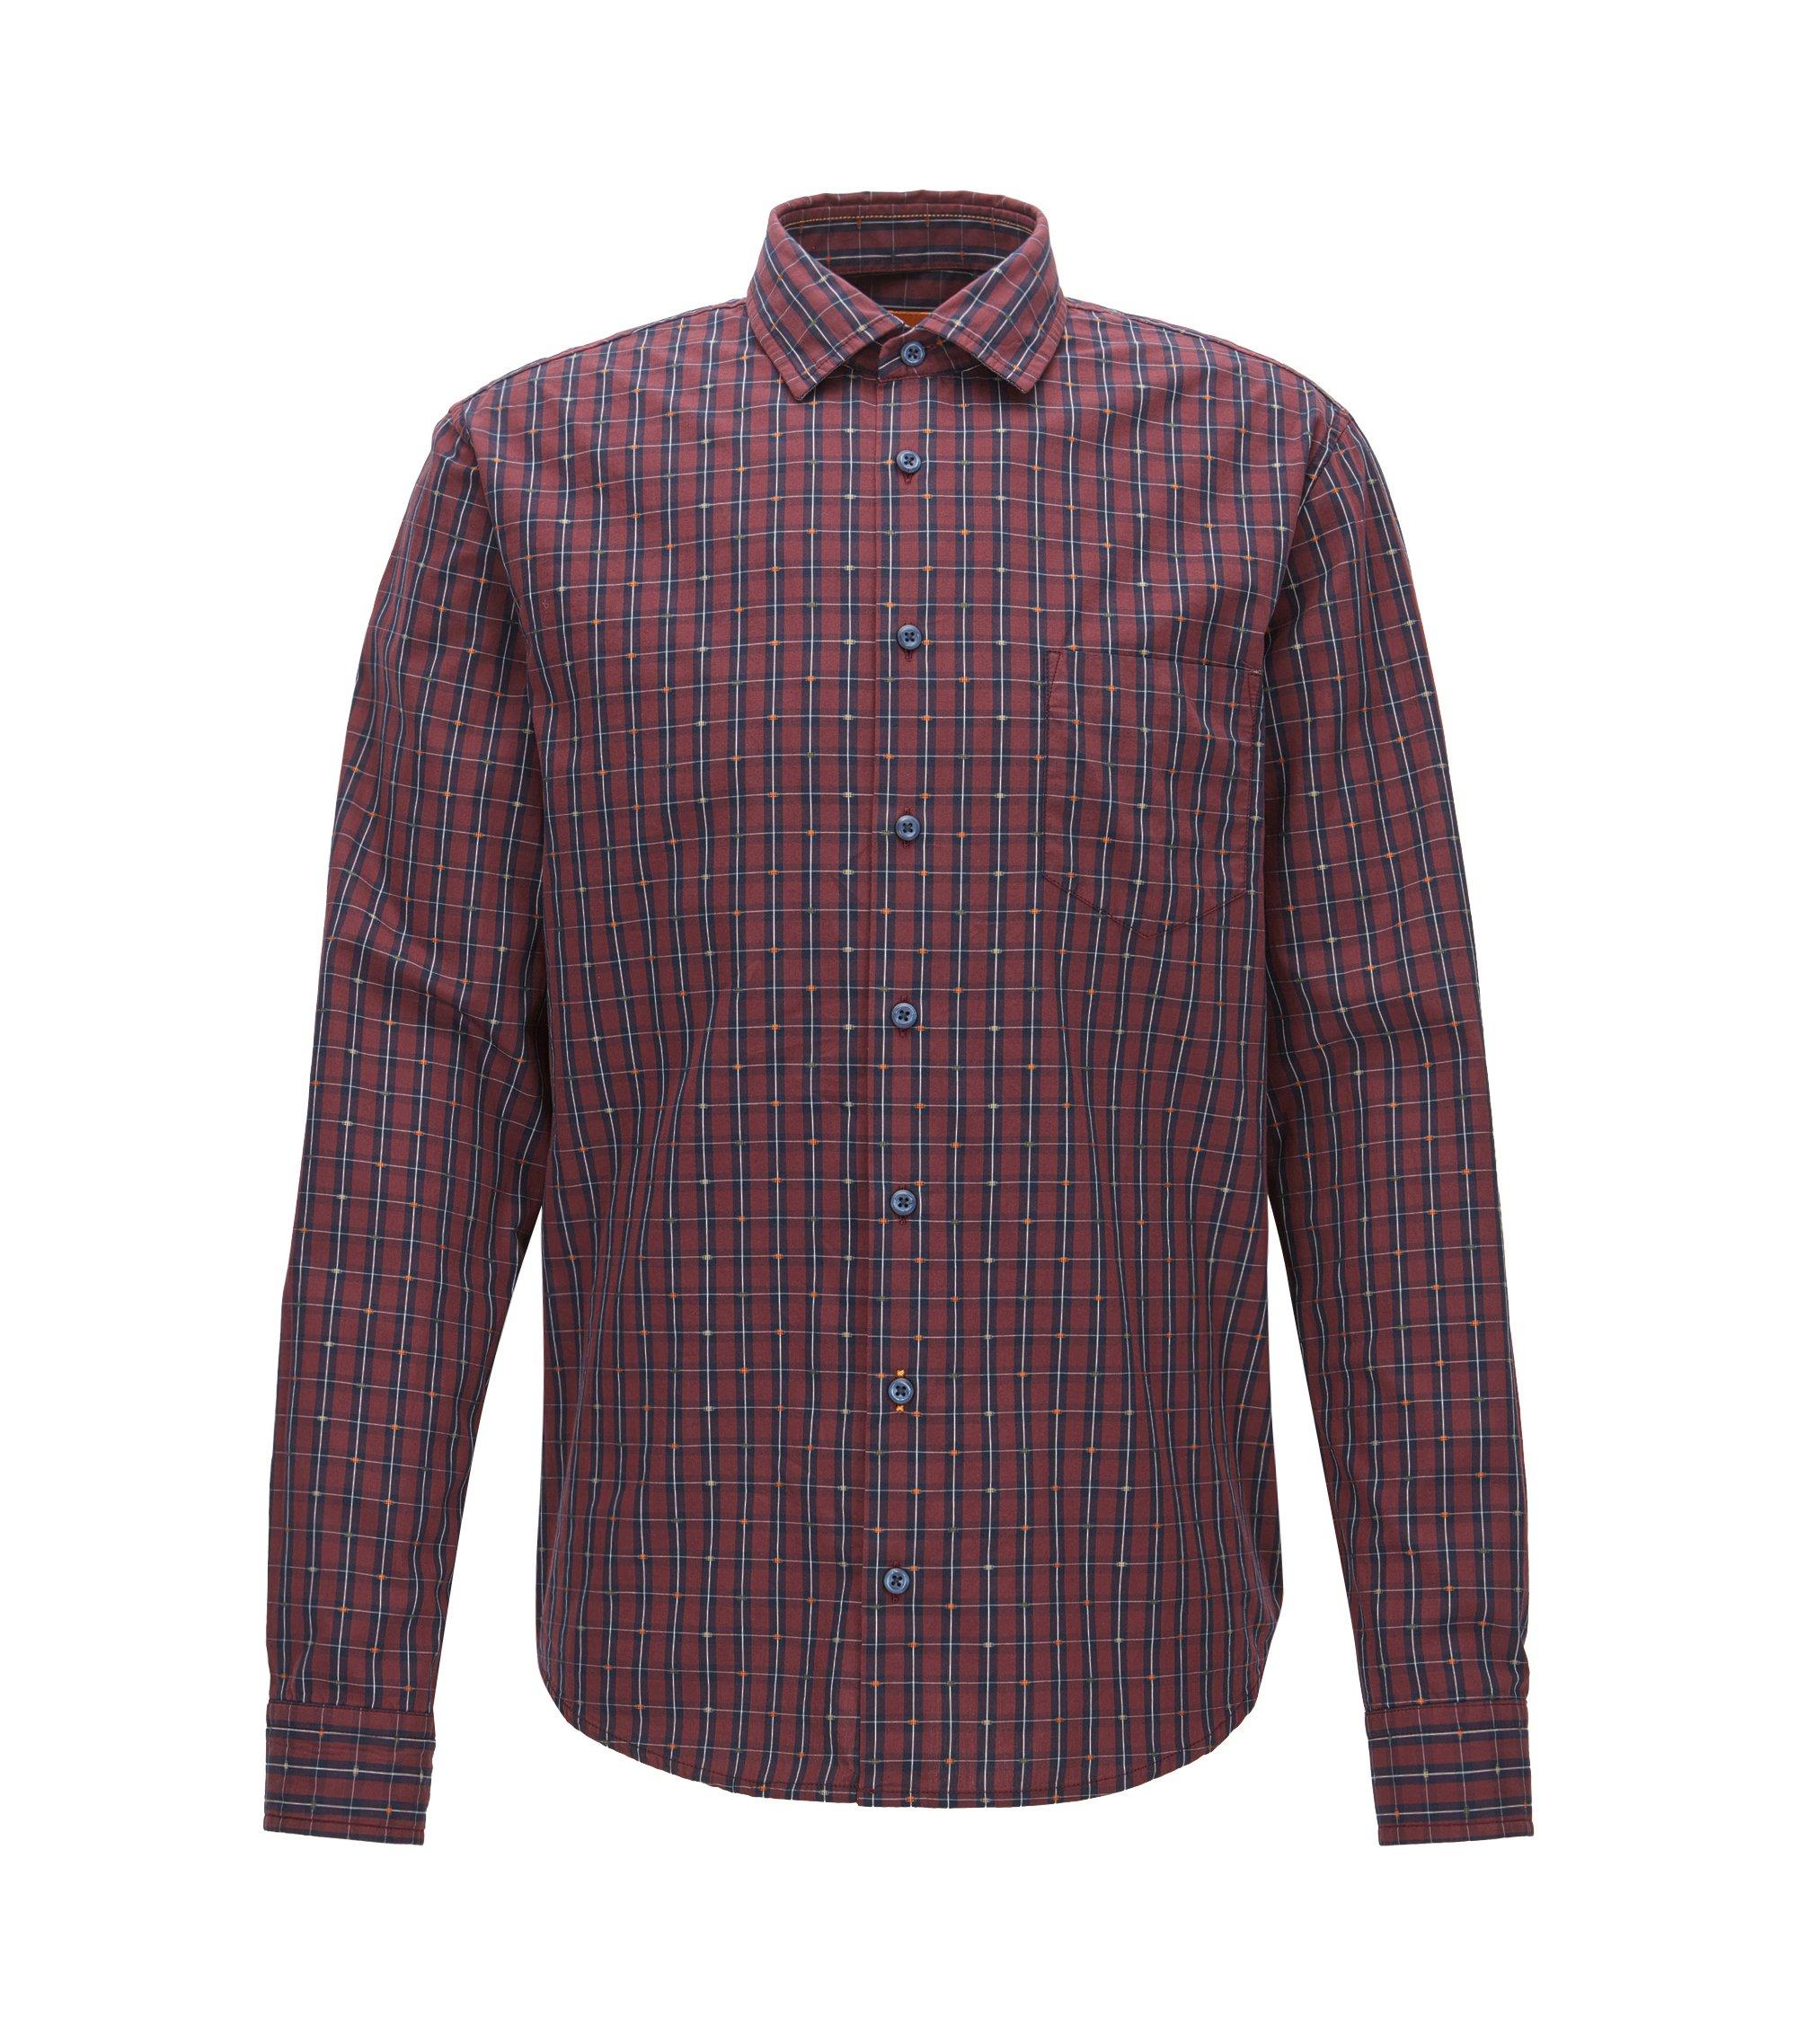 Chemise à carreaux Slim Fit en fil coupé de coton, Fantaisie